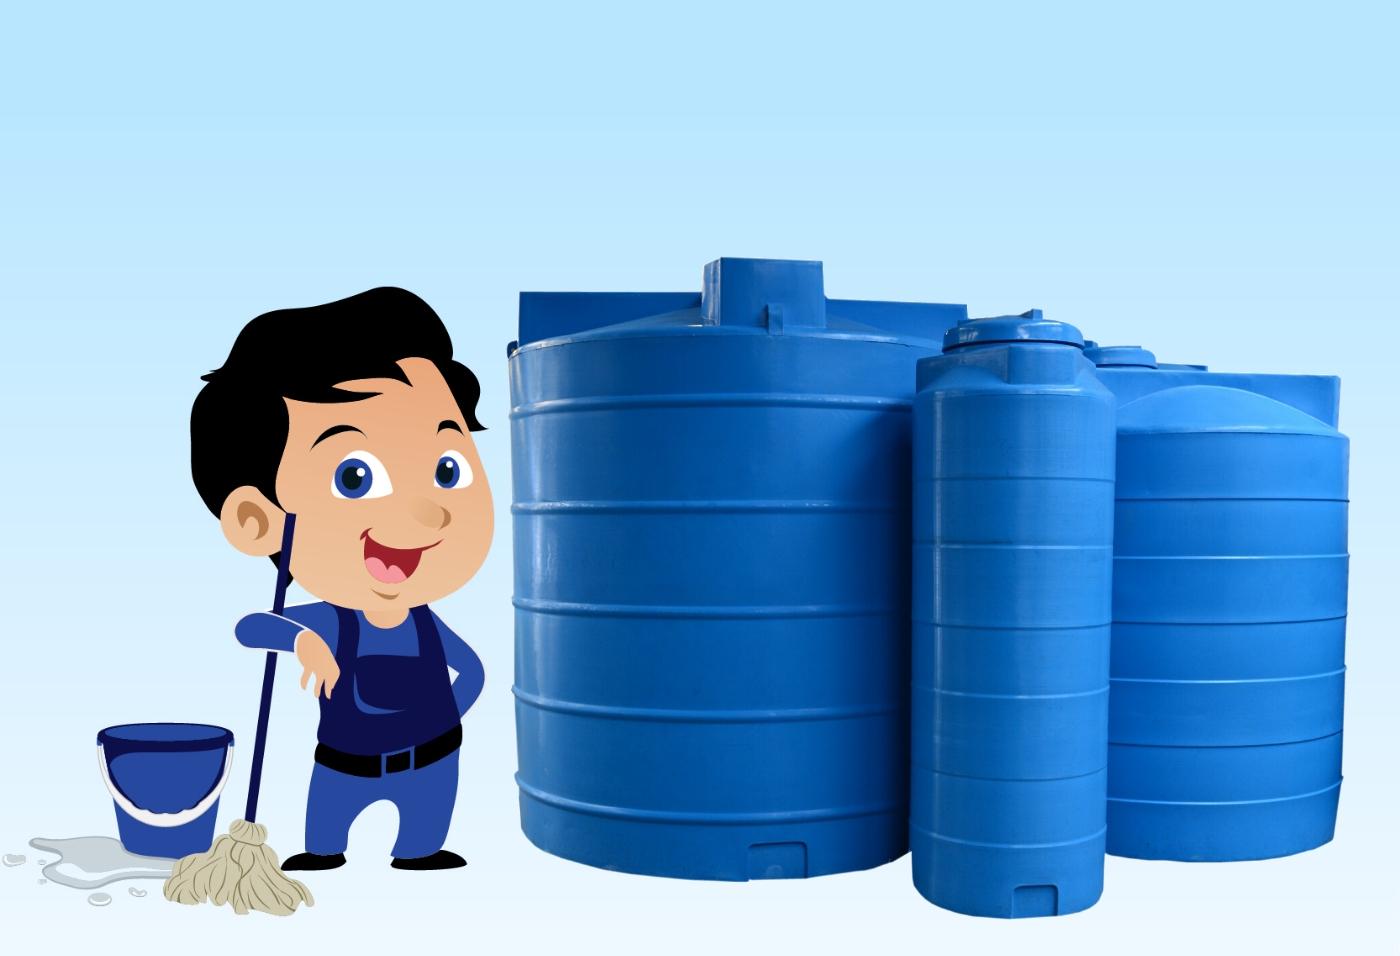 تسربات المياه من الخزانات الأرضية